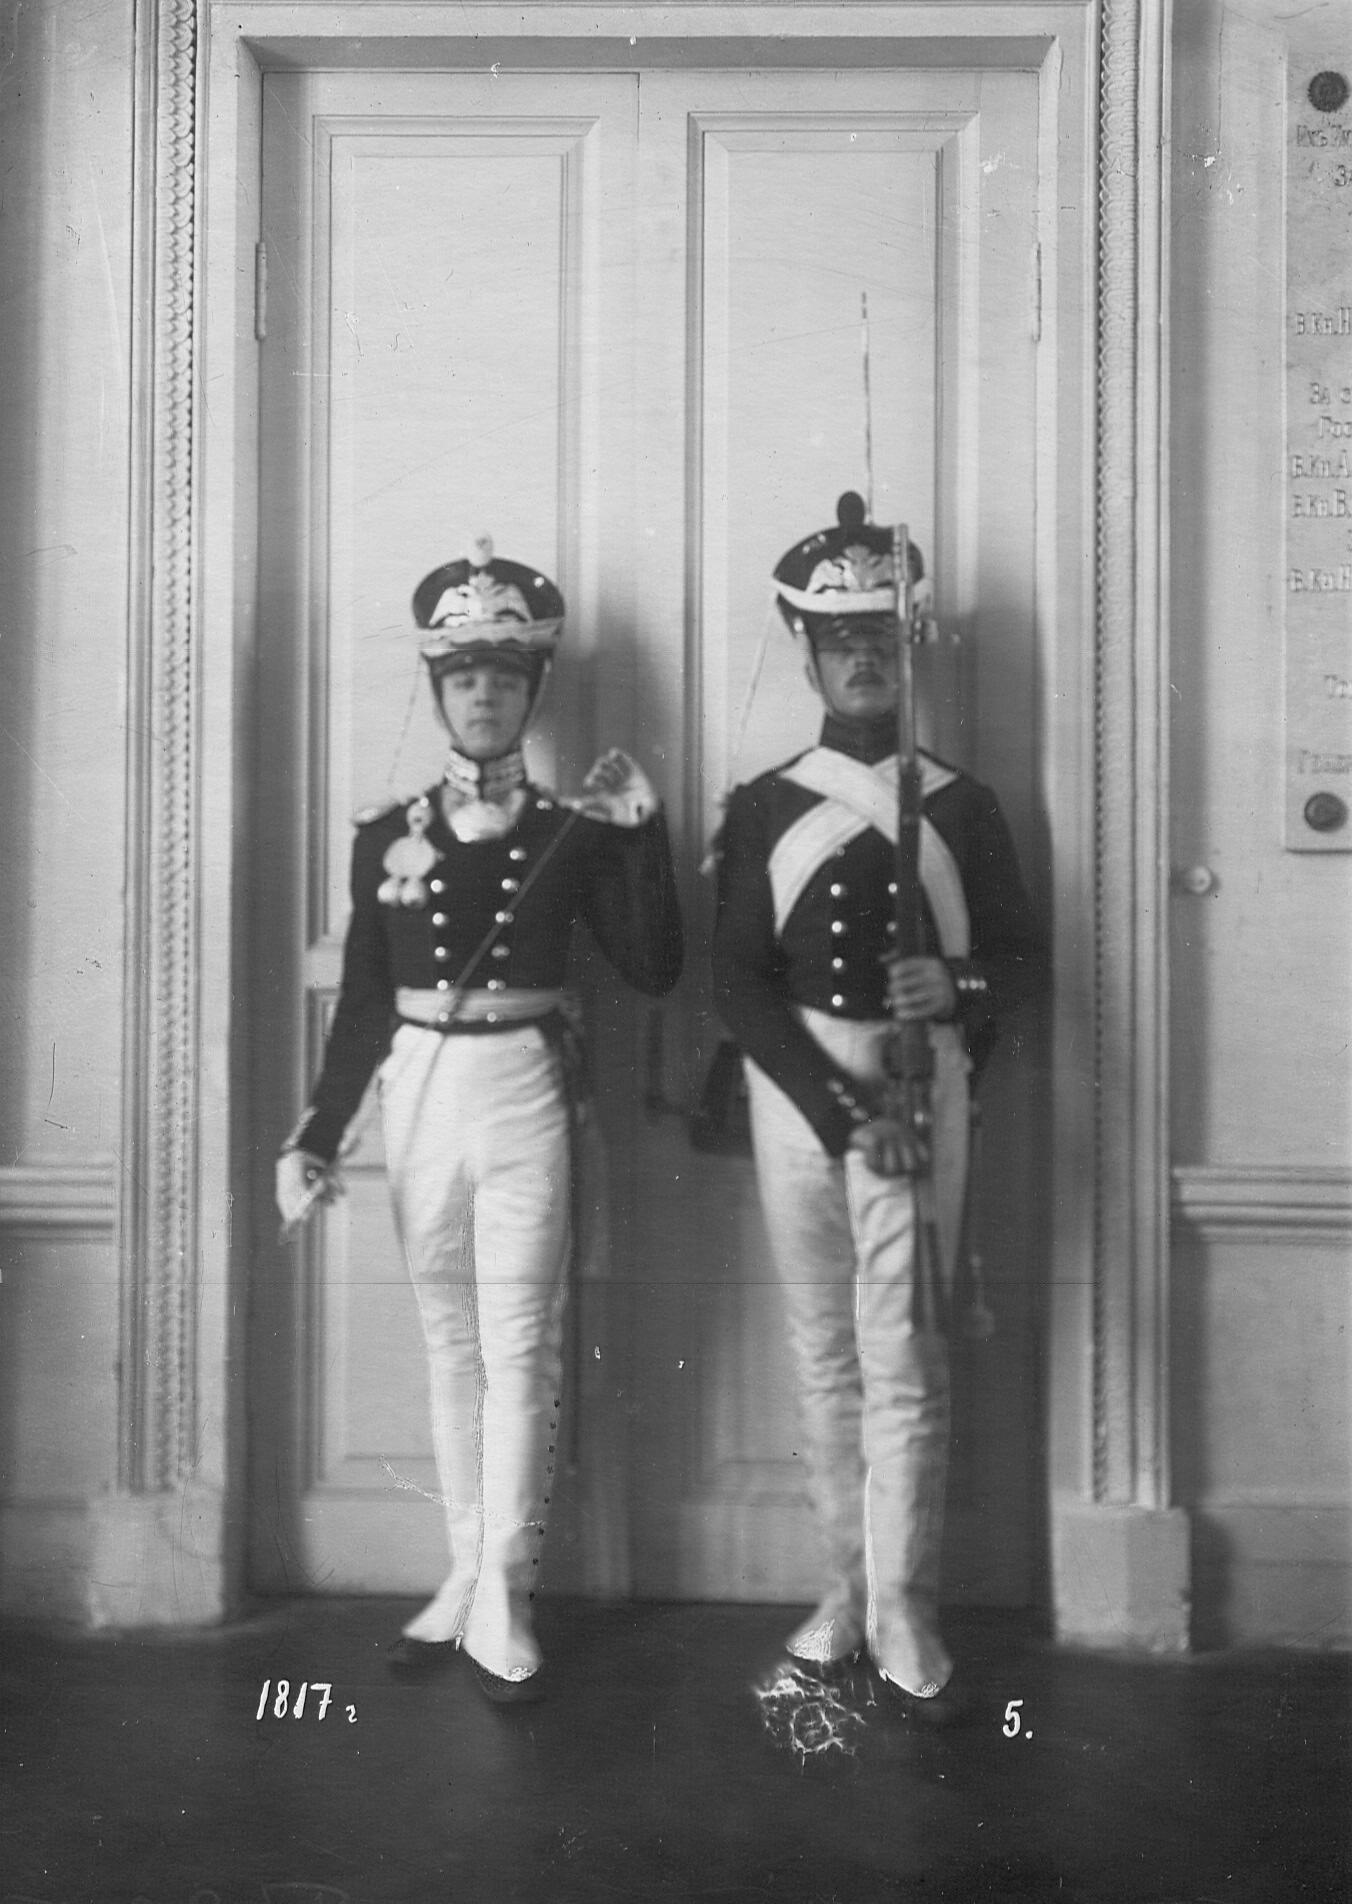 Обер-офицер и рядовой сапер батальона в форме образца 1817 года.